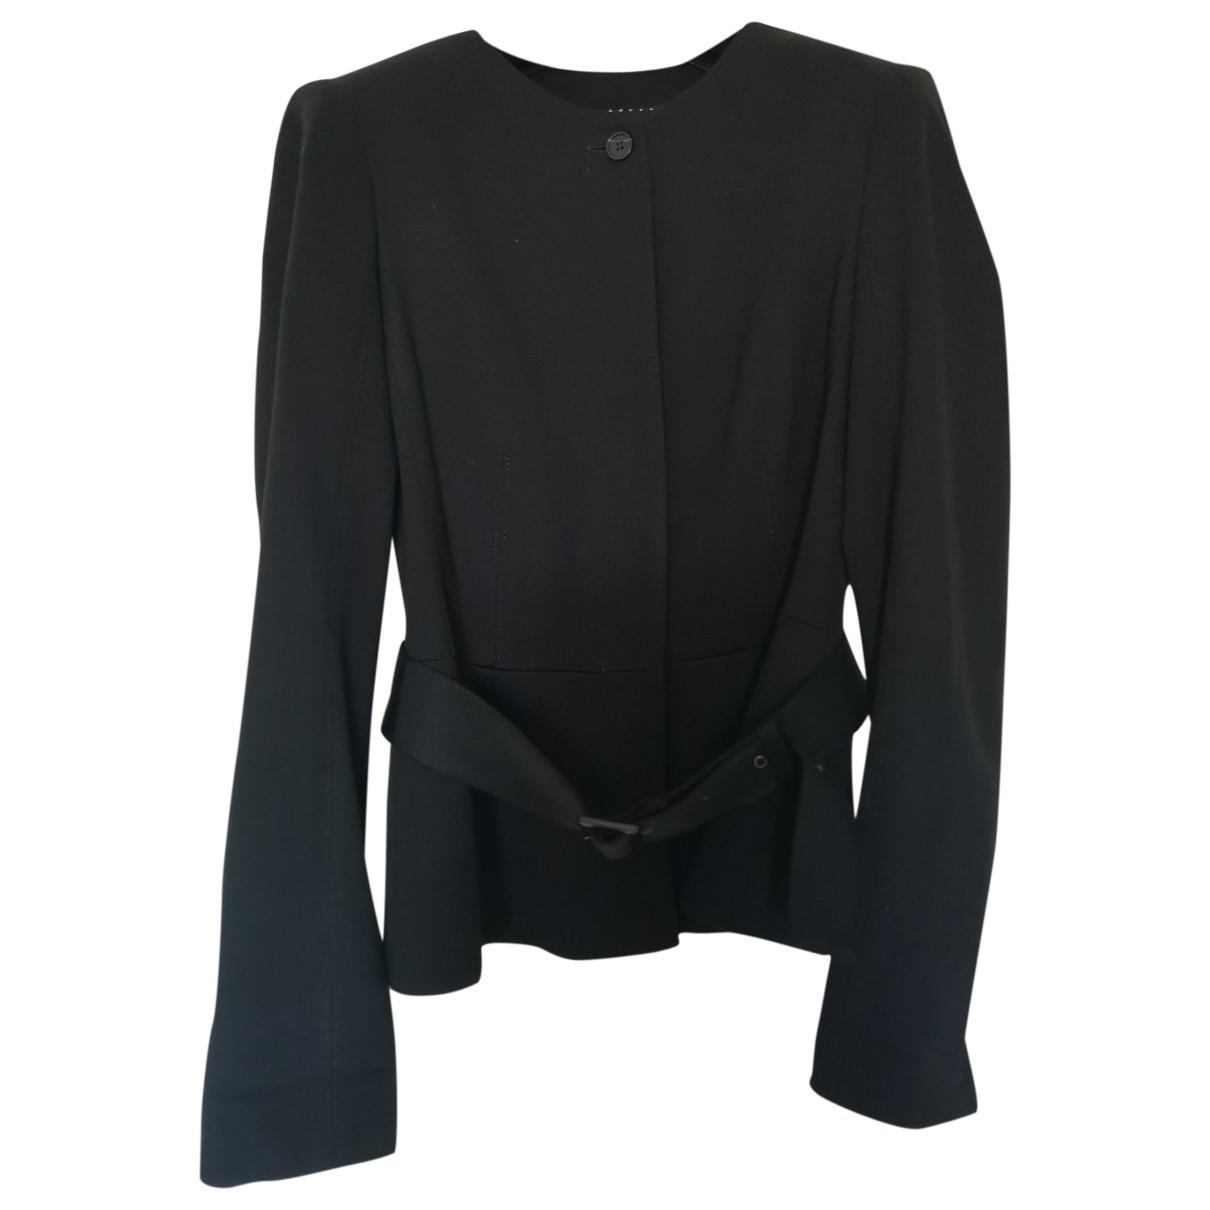 Windsor \N Black jacket for Women 42 IT